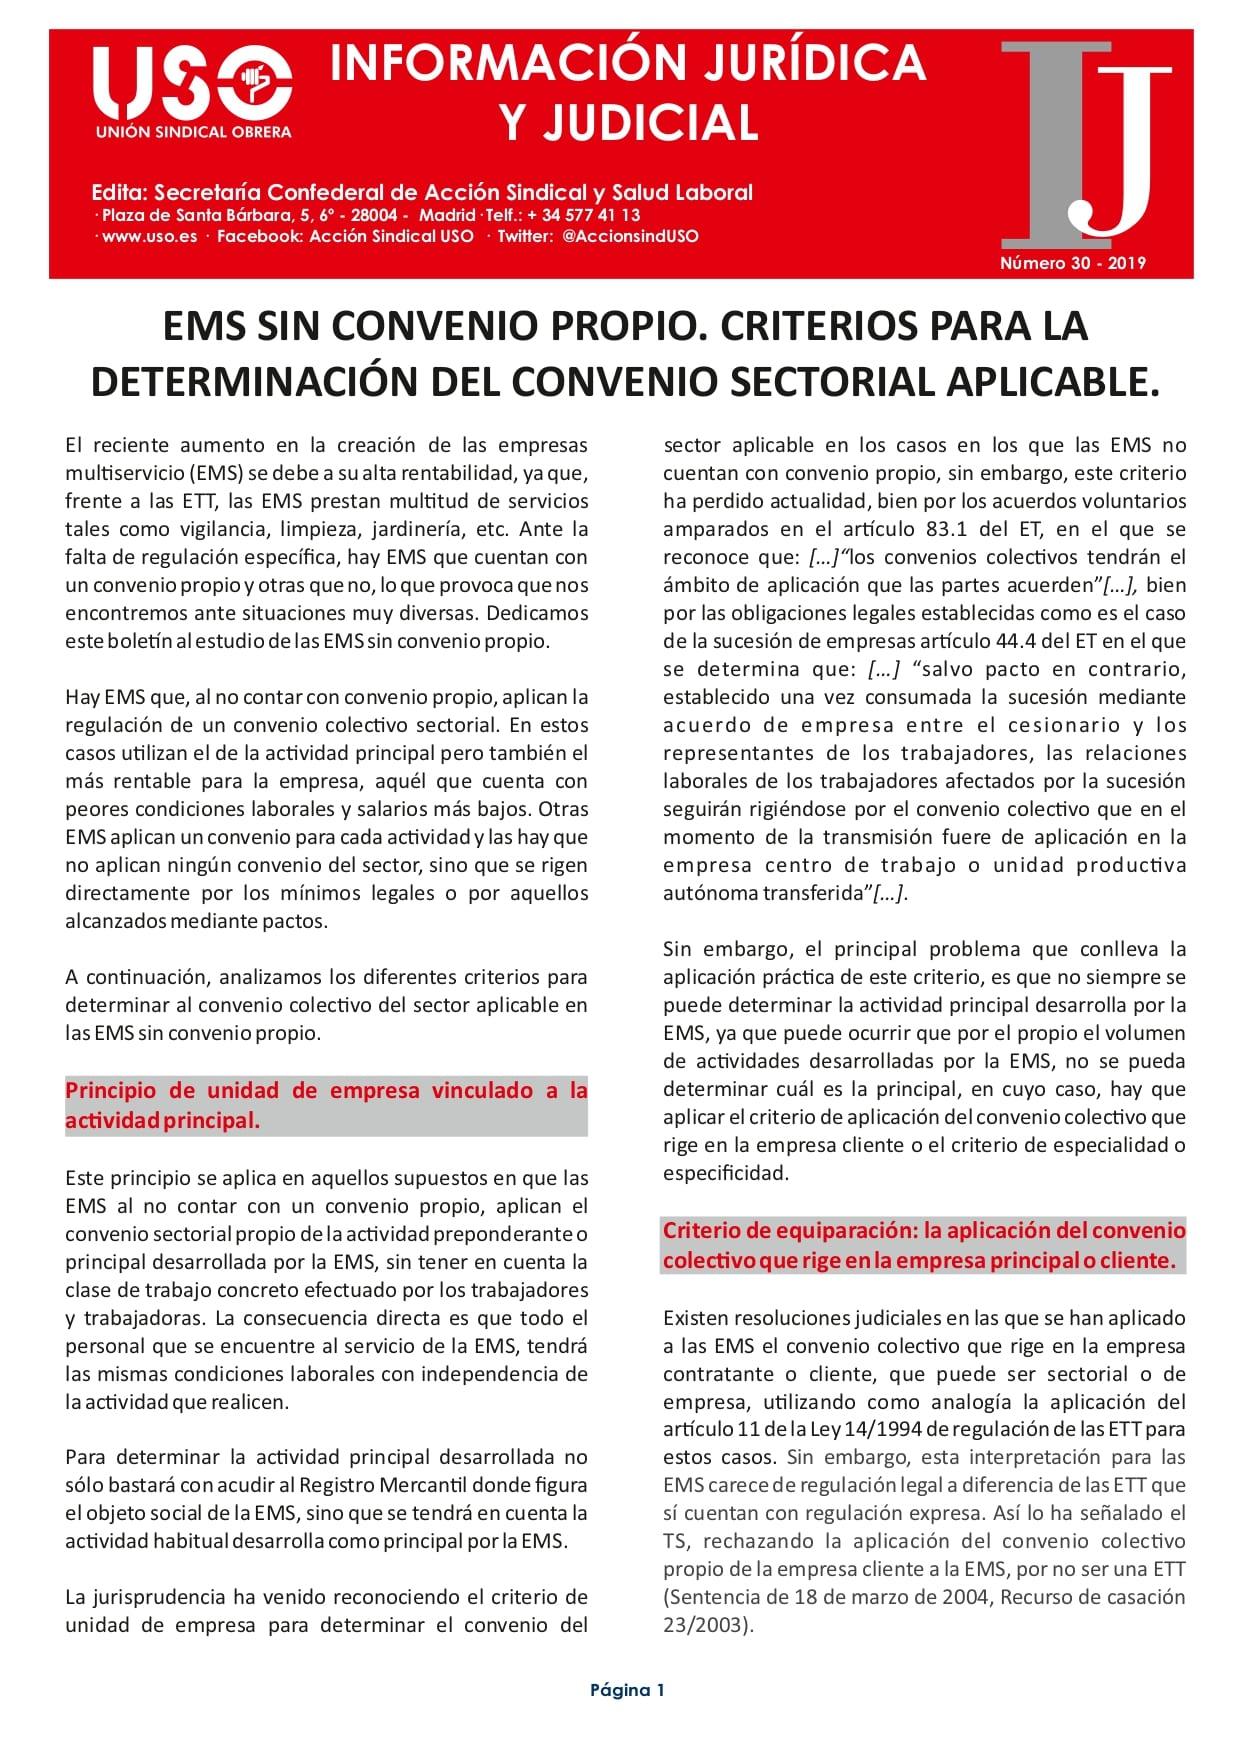 Información Jurídica y Judicial nº 30